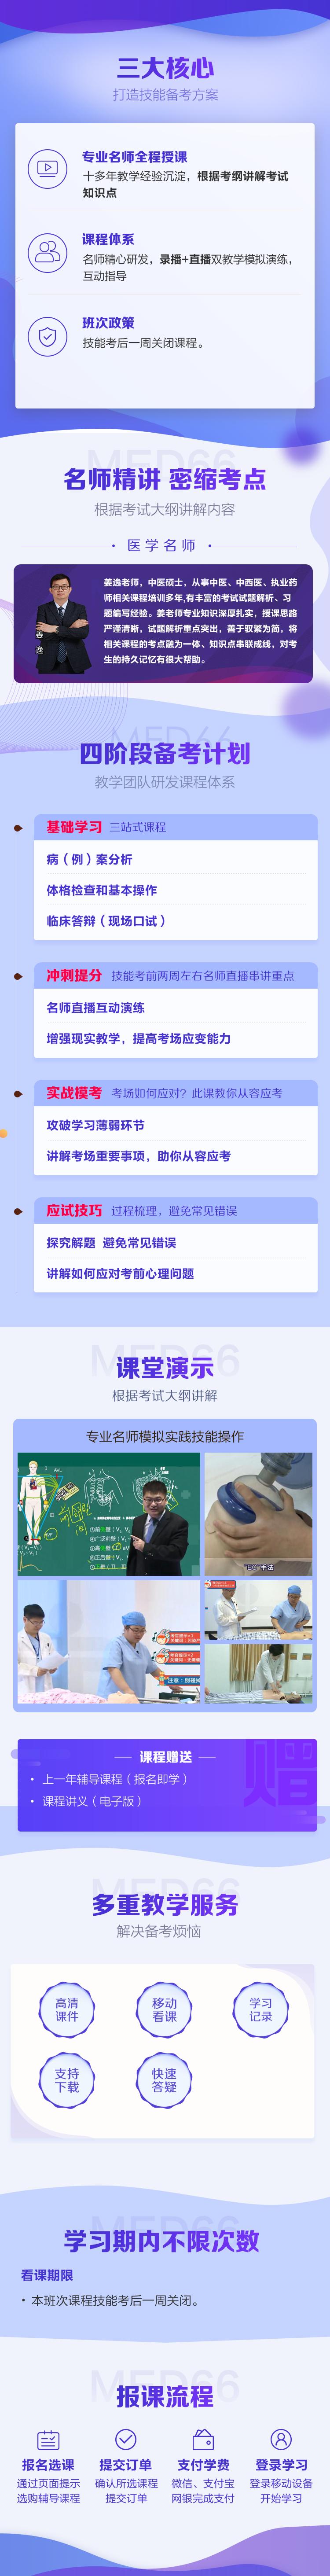 医学教育网中西医执业医师技能特色班